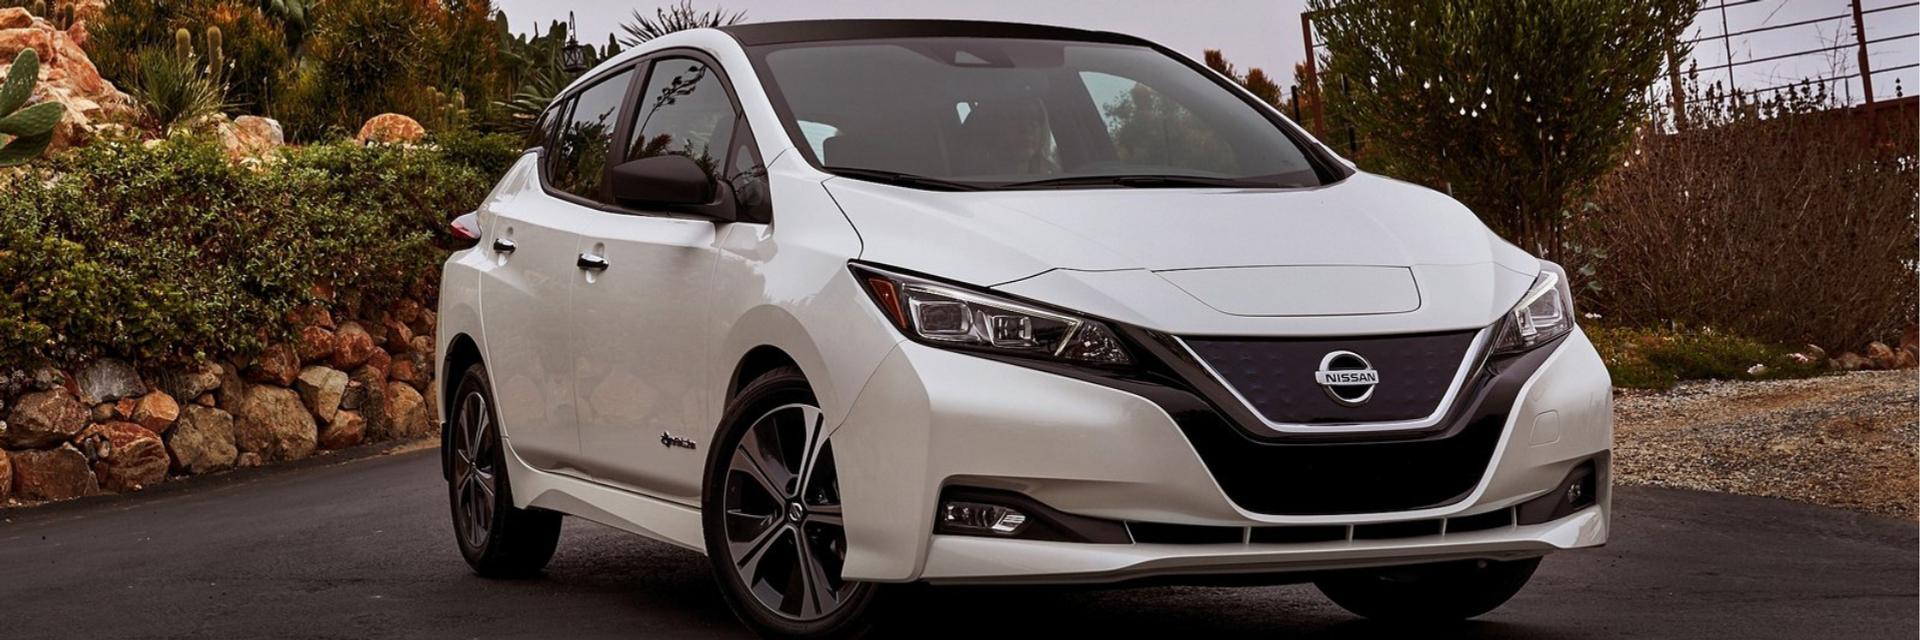 平均 10 分鐘賣一台!連 Tesla 都要要叫聲學長的 Nissan Leaf 預計 9 月強勢登台